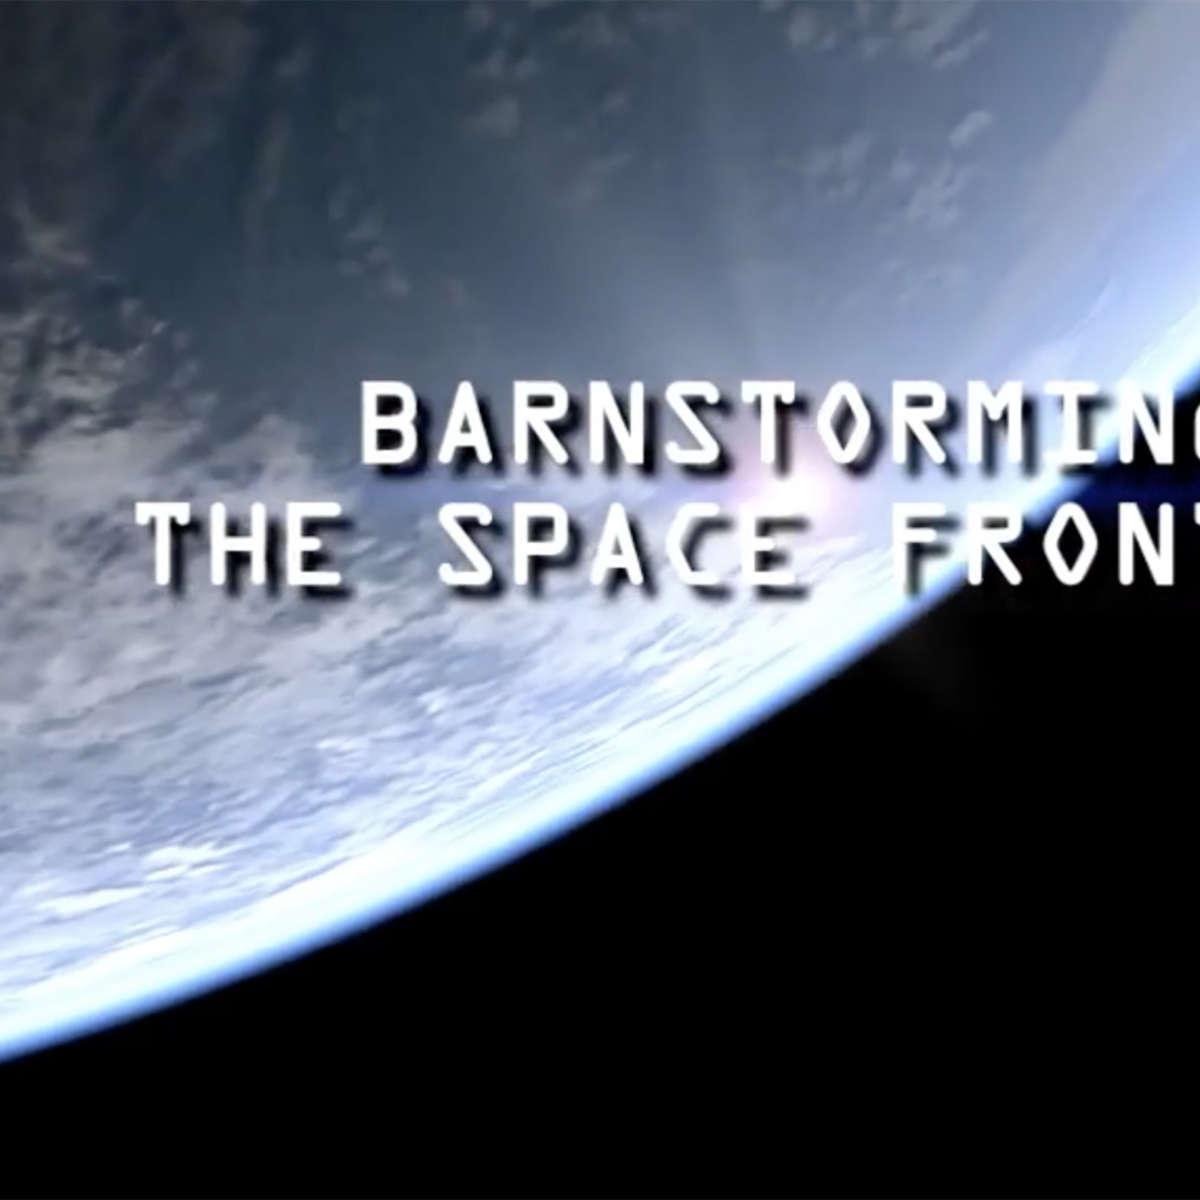 barnstorming_space_hero.jpg